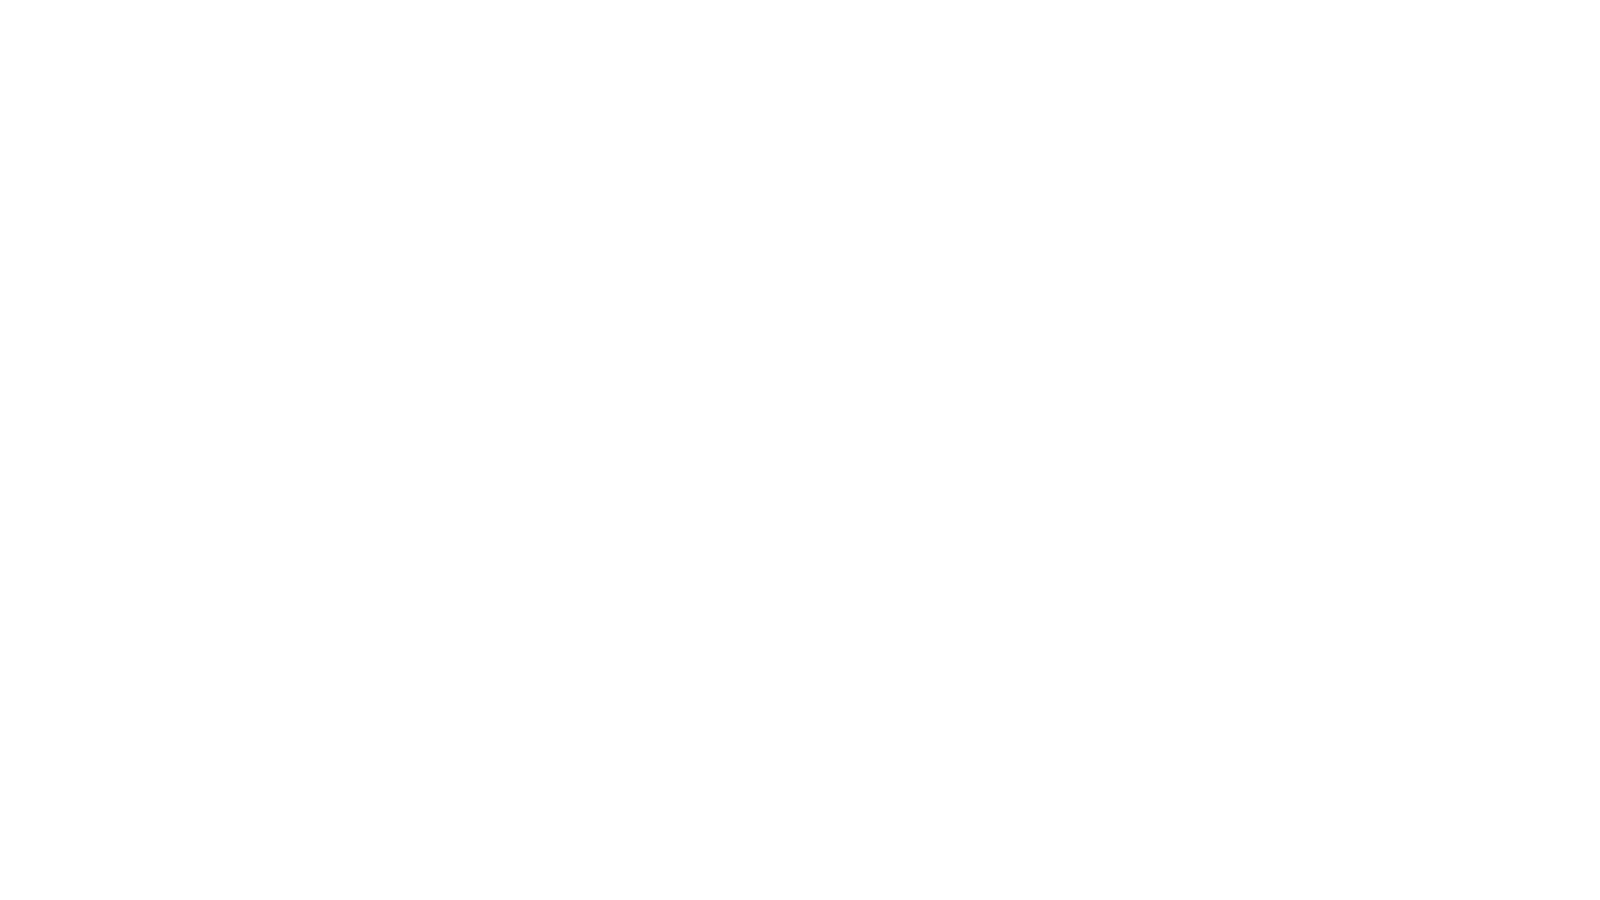 Pelatihan ini dilaksanakan pada tanggal 2 oktober 2021, bekerjasama dengan PT.CIGS (Citra Inti Garda Sentosa) dan Dinas Pemadam Kebakaran Pasar Minggu. Pelatihan ini sebagai upaya untuk pencegahan dan menambah pengetahuan para anggota sekurity khususnya dan para guru karyawan pada umumnya.  Berikut beberapa hal dasar tentang Pelatihan Pemadam Kebakaran SEGITIGA API Elemen dalam segitiga Api yang merupakan elemen pembentukan Api : SUMBER PANAS Salah satu unsur terbentuknya api,antara lain : 1. Faktor alam (Petir, panas dari gunung berapi) 2. Energi panas listrik (Arus pendek,konsleting, percikan api karena listrik,pemanasan dielektrik seperti pada microwave (gelombang micro) dan listrik statis. 3. Energi panas mekanis : panas mekanis dapat terjadi karena gesekan 4. Energi Panas Kimia : reaksi panas pembakaran, panas akibat dekomposisi, panas larutan, pemanasan spontan. 5. Energi Panas Nuklir 6. Energi Panas Matahari  BAHAN BAKAR Bahan Bakar adalah : Bahan yang mudah terbakar : Antara lain :   Zat Padat (Kertas,sampah kering, kayu,kain dll)  Zat Cair (Minyak tanah, Bensin, solar dll)  Zat Gas (LPG dll)  OKSIGEN Oksigen dengan kadar minimum 16 %, dapat menjadi unsur penting pembentukan api